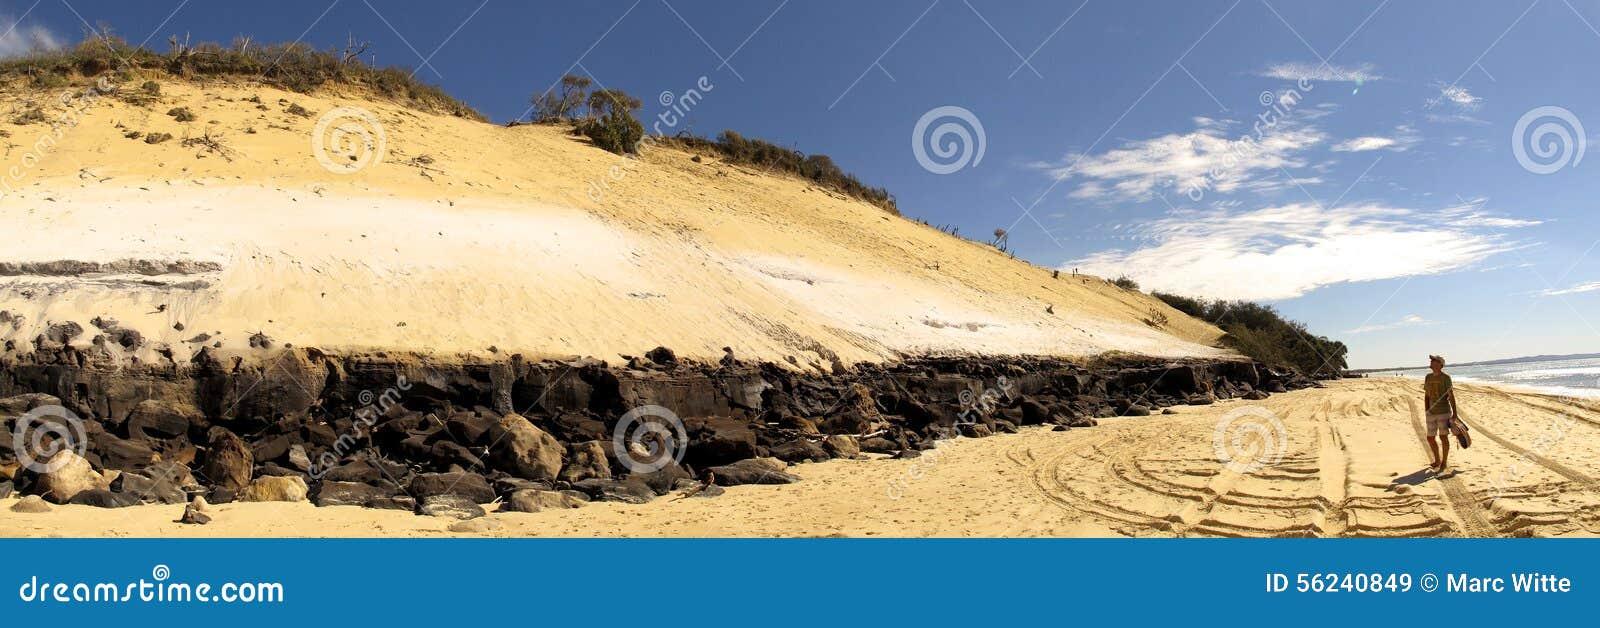 Παραλία ουράνιων τόξων, Queensland, Αυστραλία